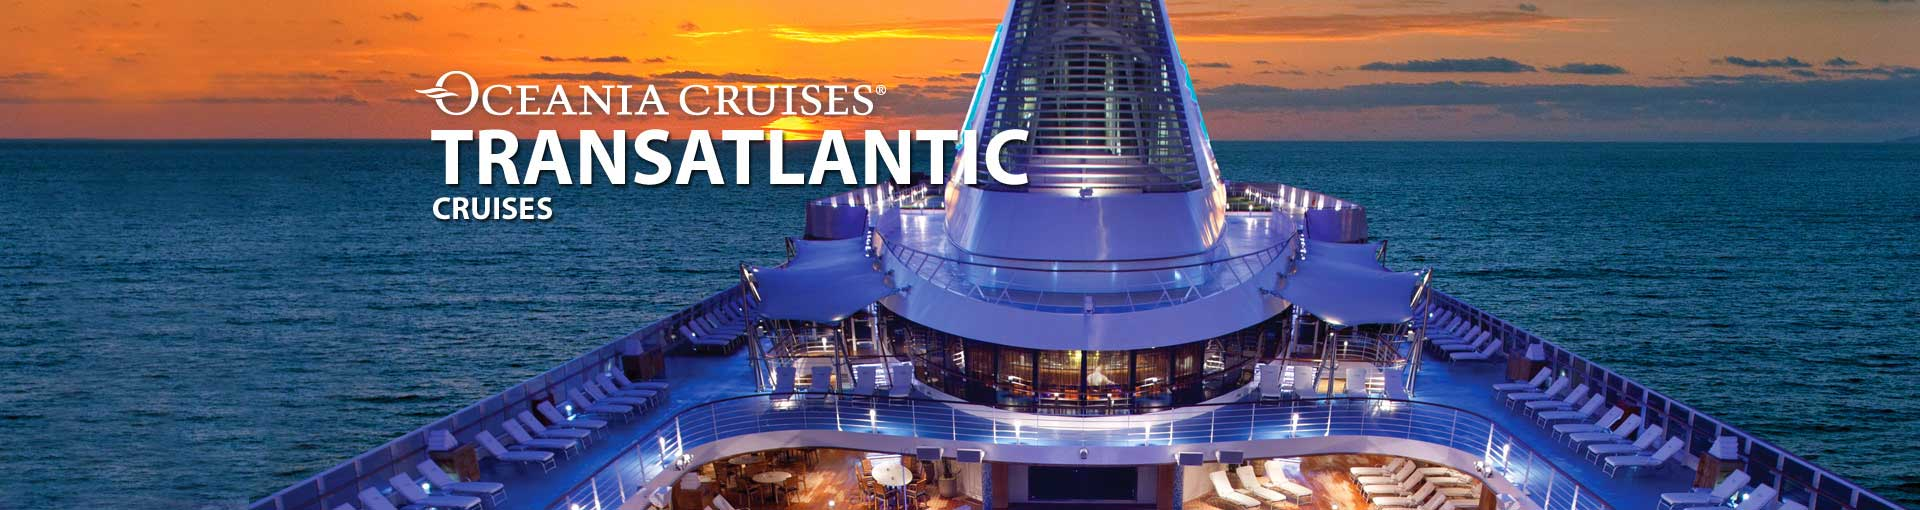 Oceania Cruises Transatlantic Cruises